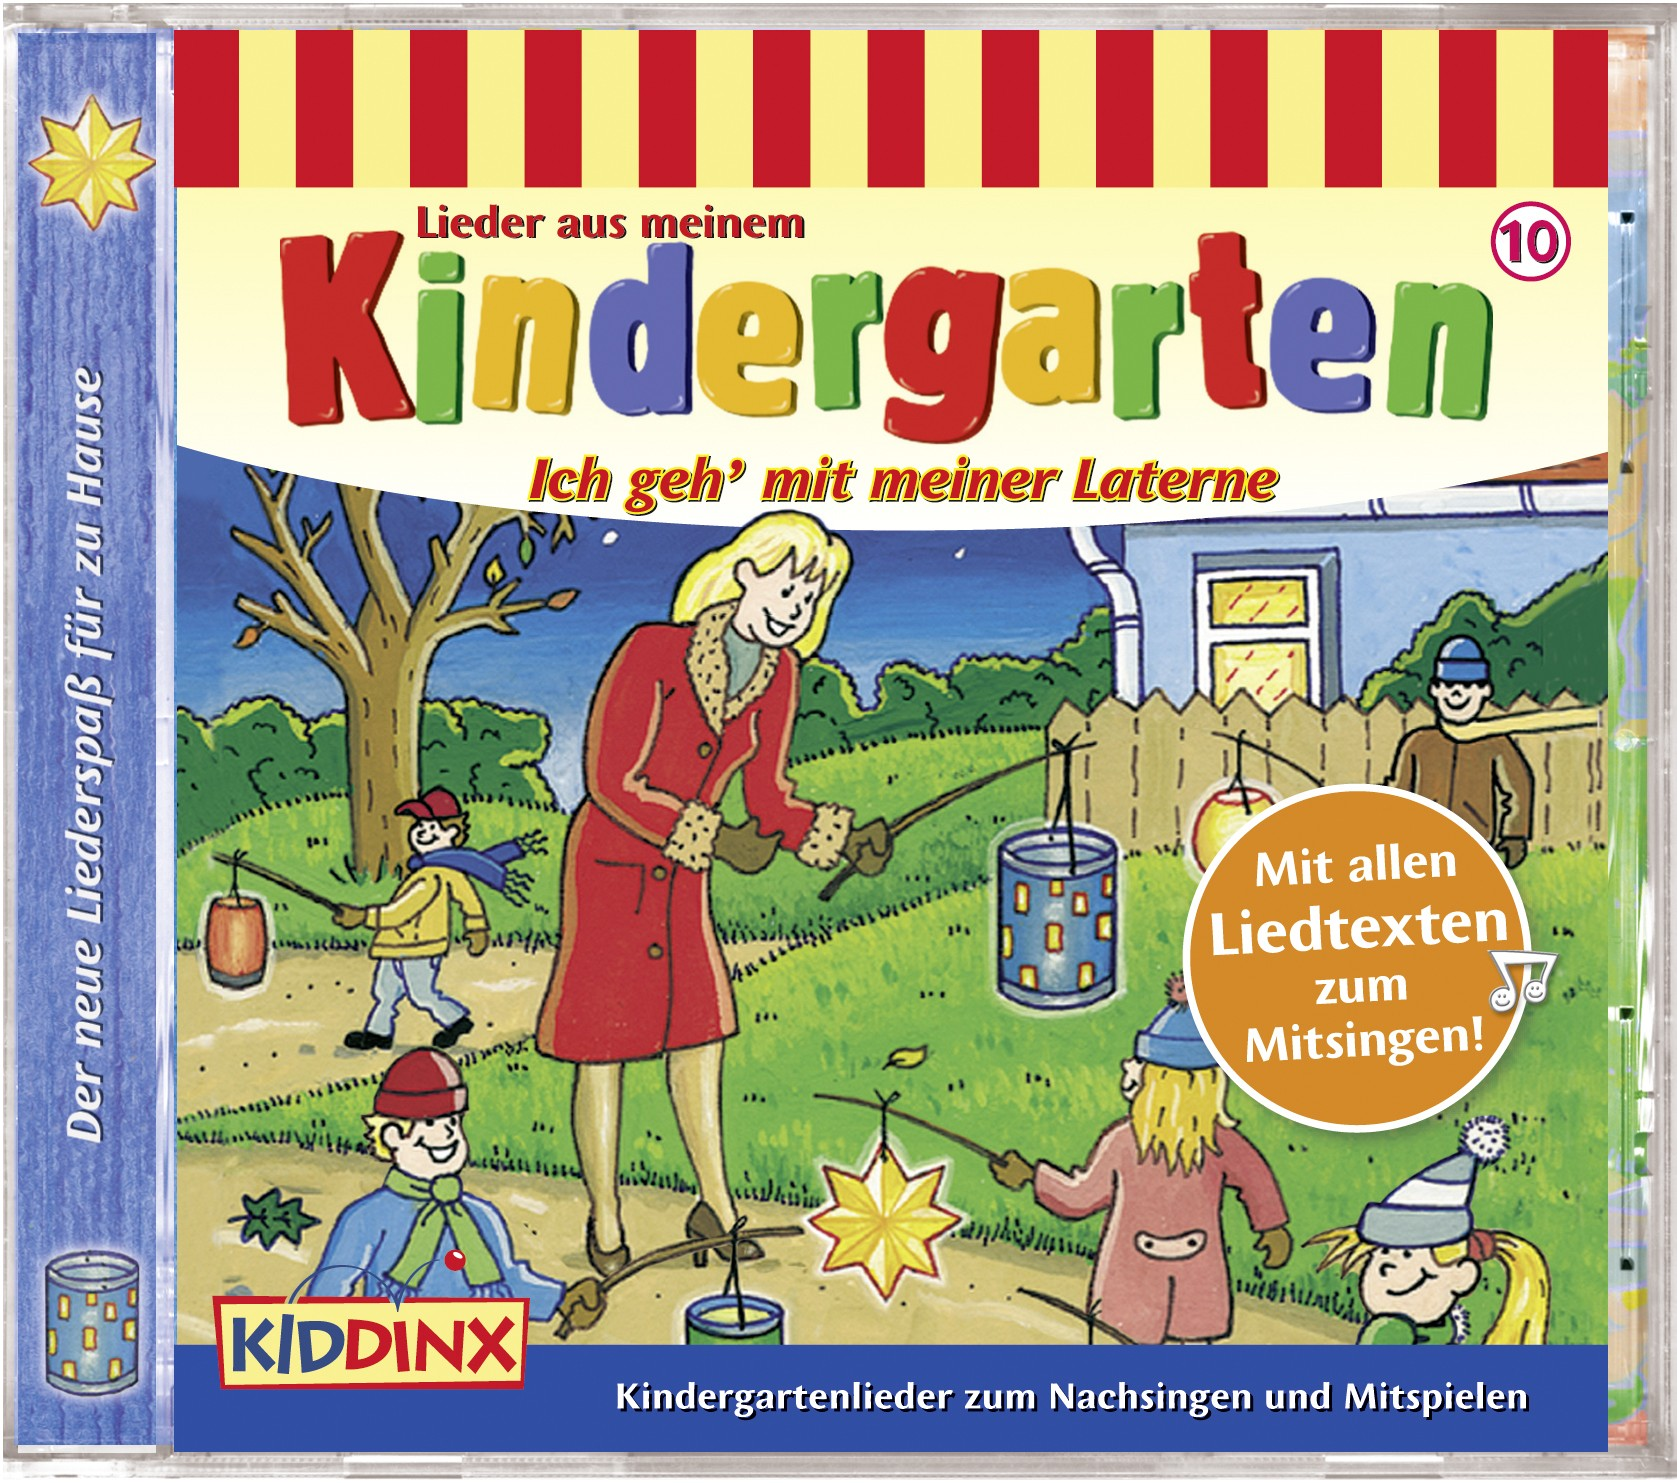 Lieder aus meinem Kindergarten: Ich geh mit meiner Laterne (Folge 10)